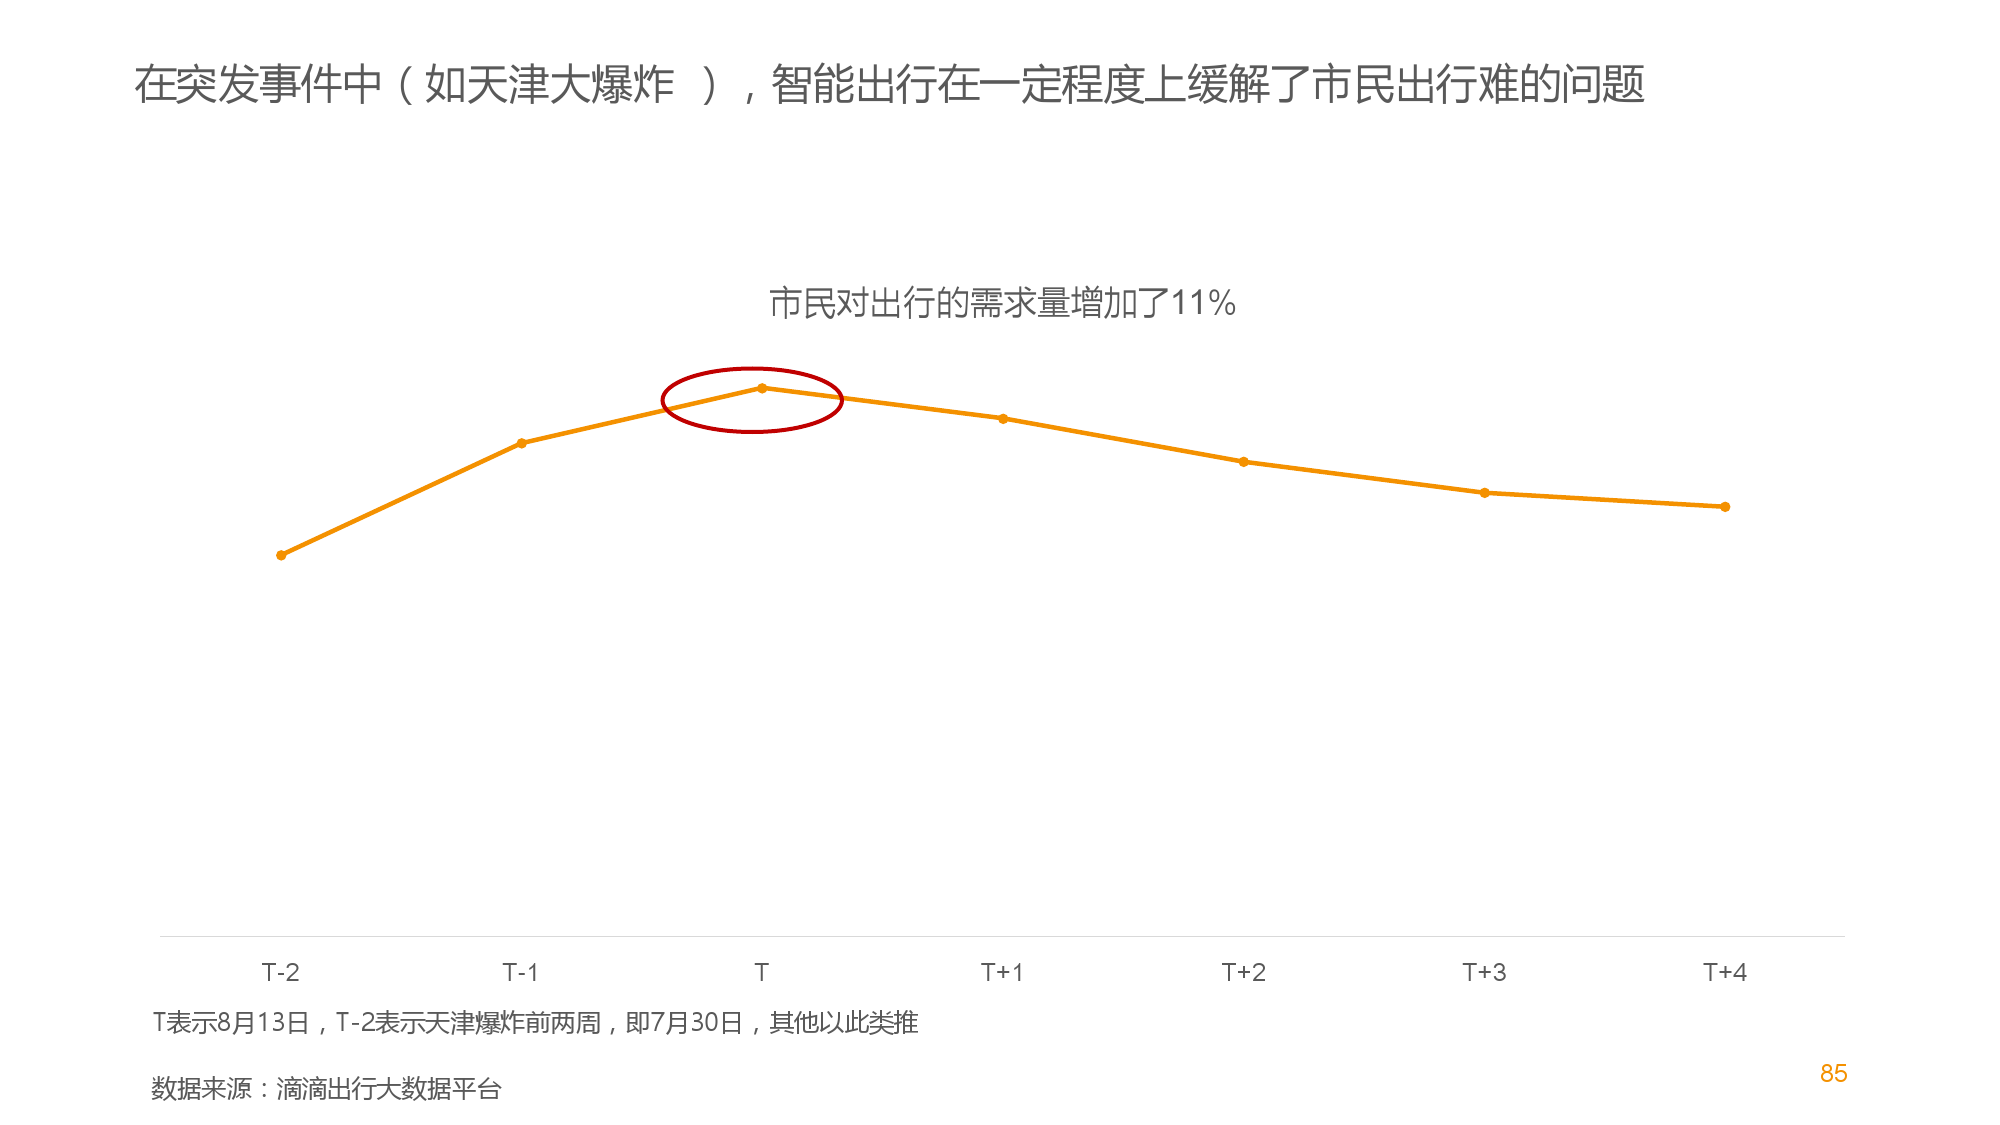 中国智能出行2015大数据报告_000085